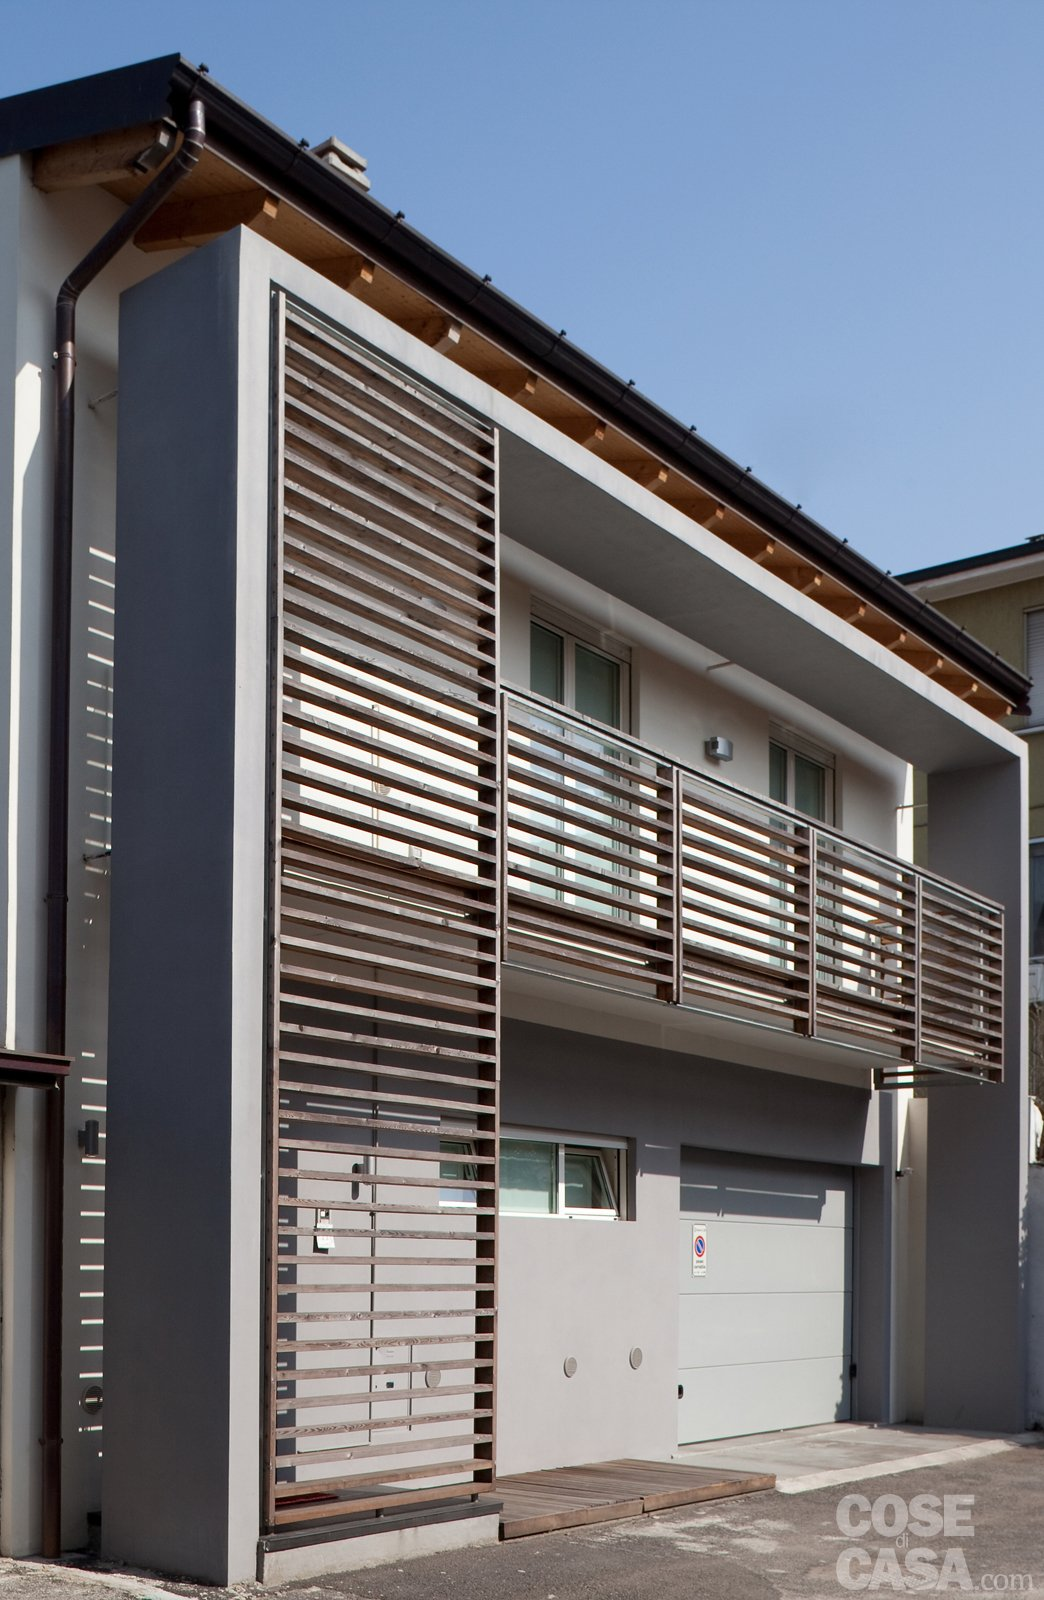 Costi per una casa good quanto costa casa al mq per for Quanto puoi costruire una casa per